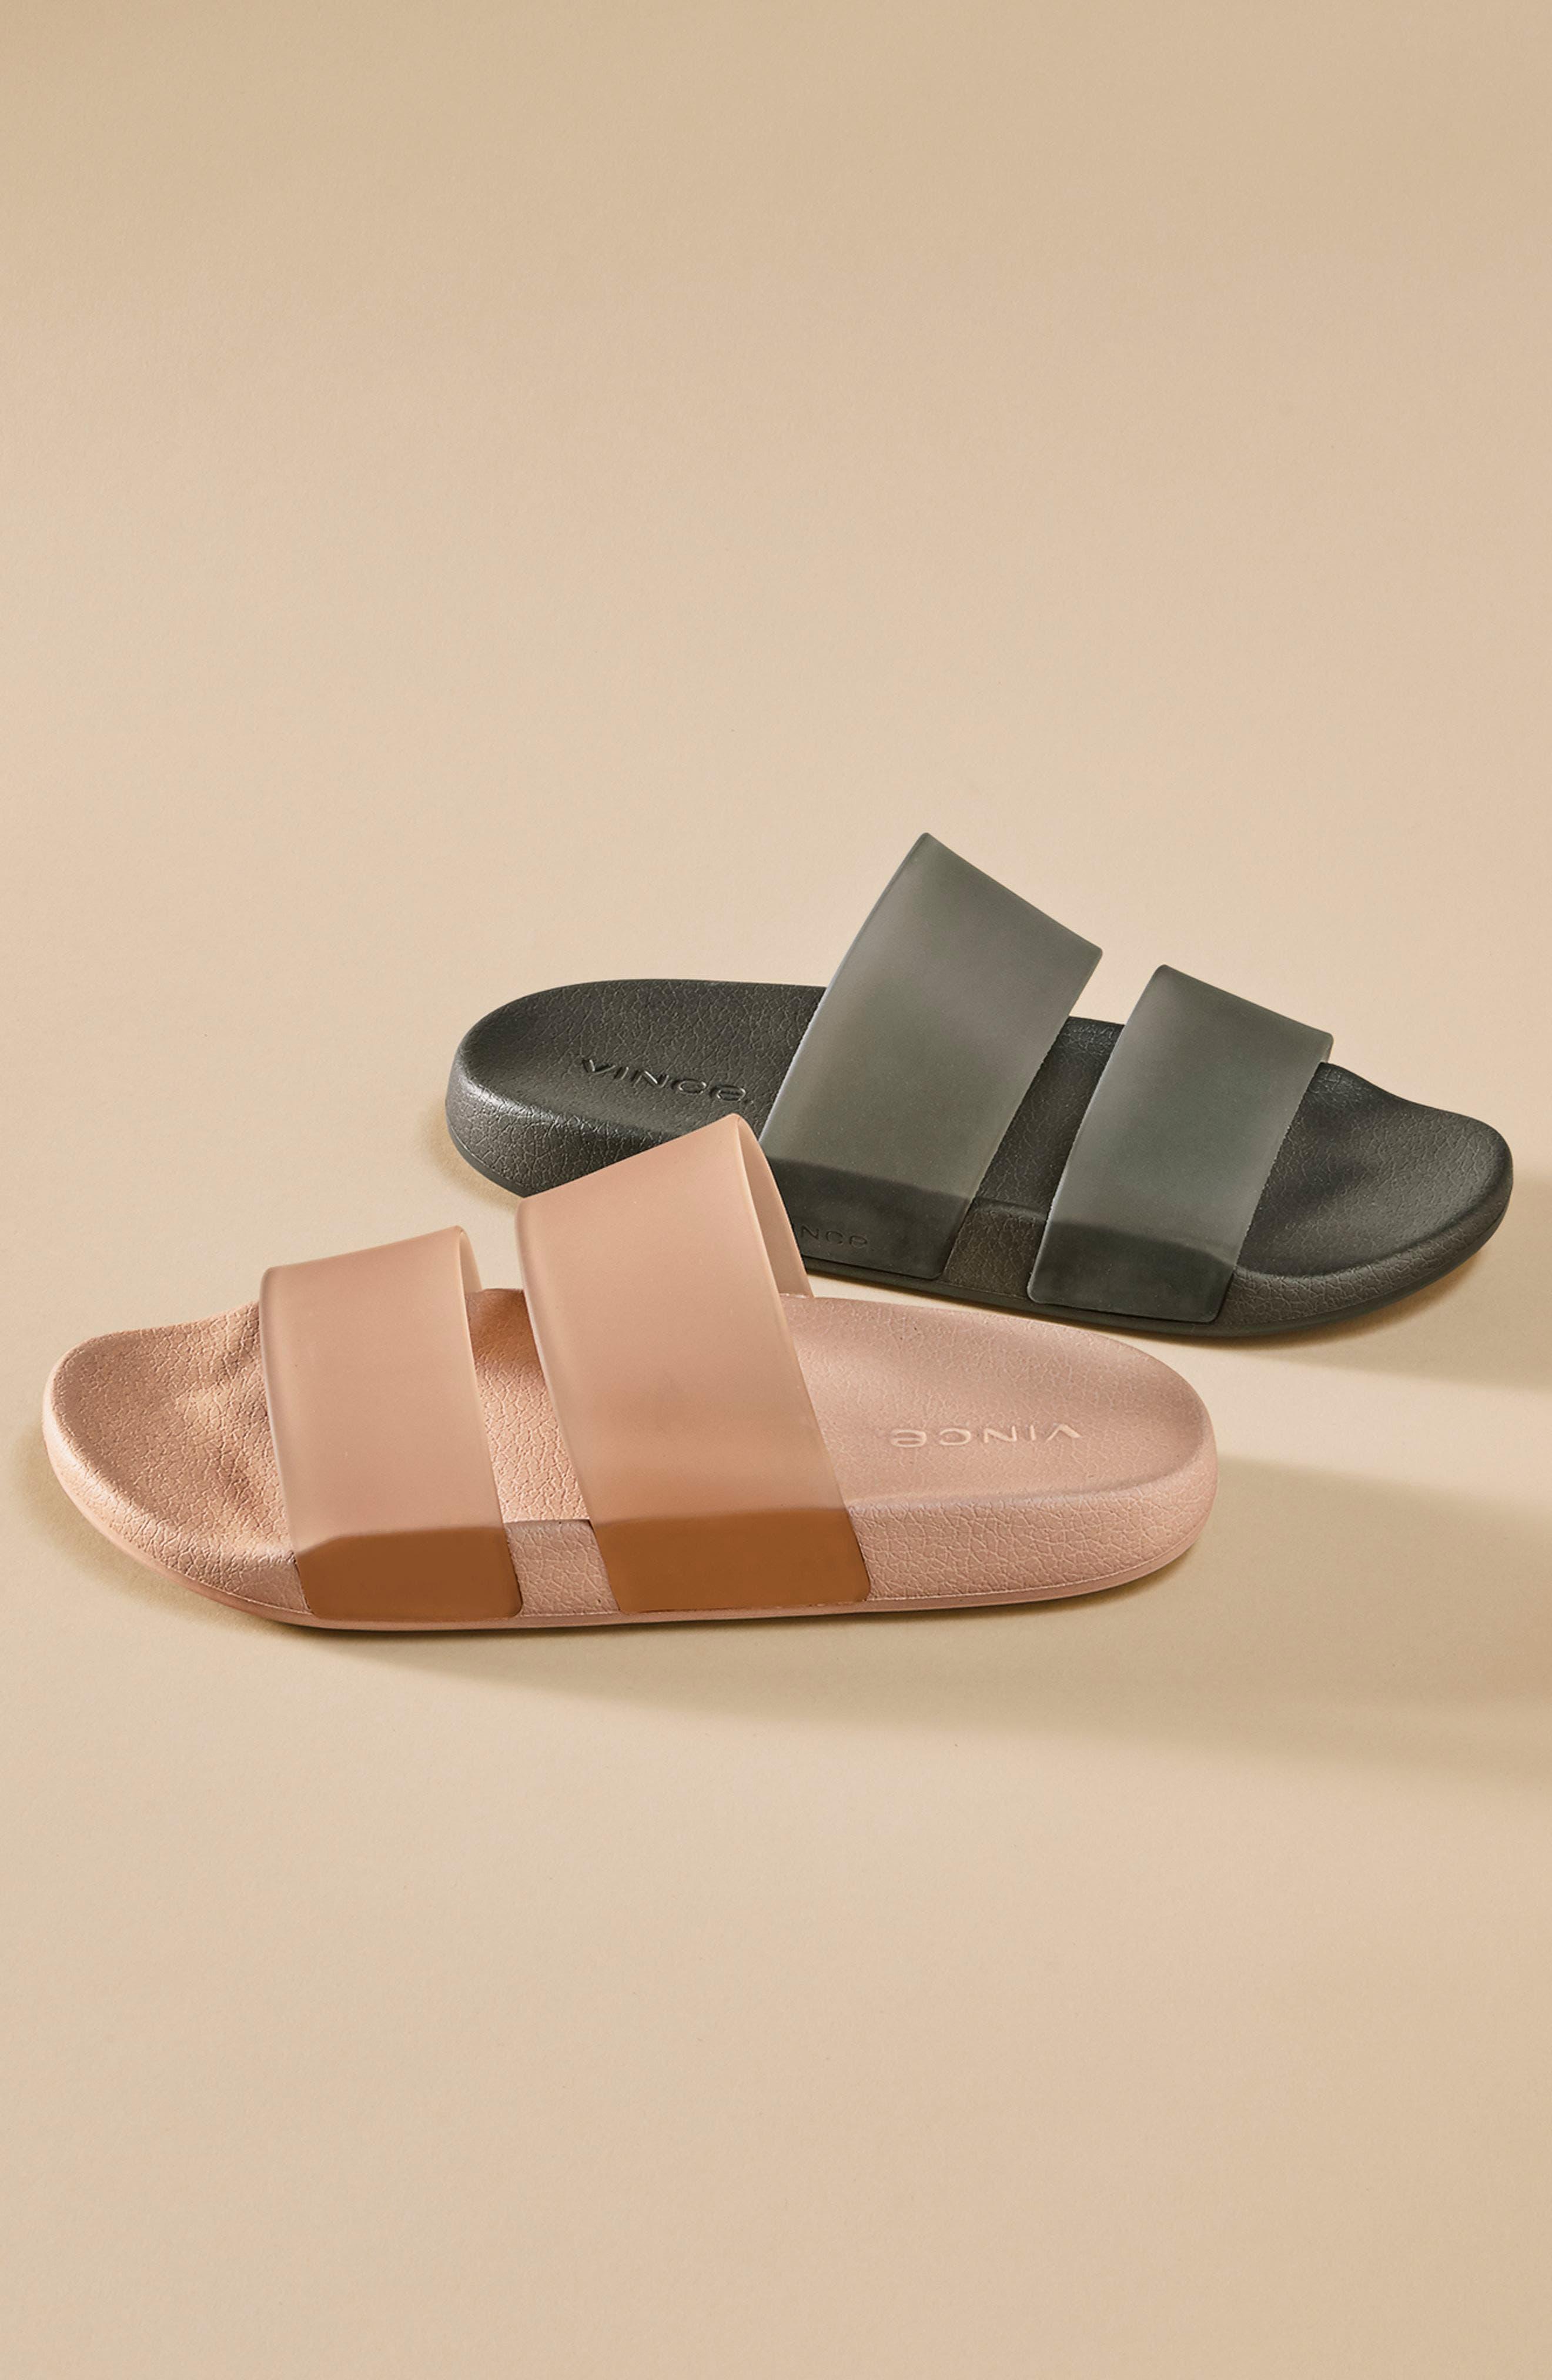 Wynne Slide Sandal,                             Alternate thumbnail 11, color,                             021